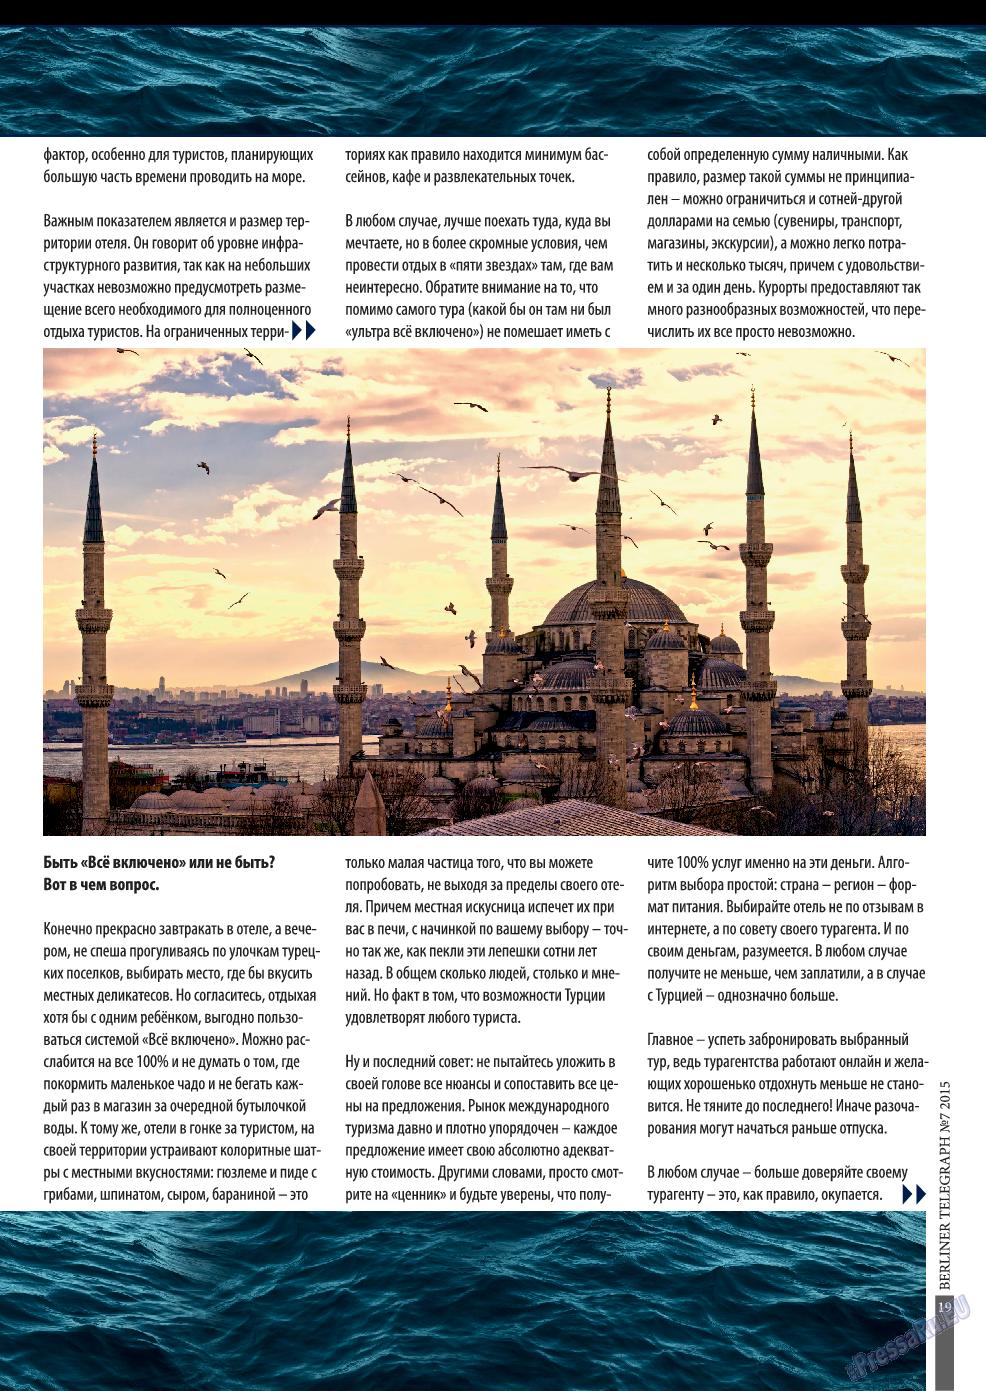 Берлинский телеграф (журнал). 2015 год, номер 8, стр. 19